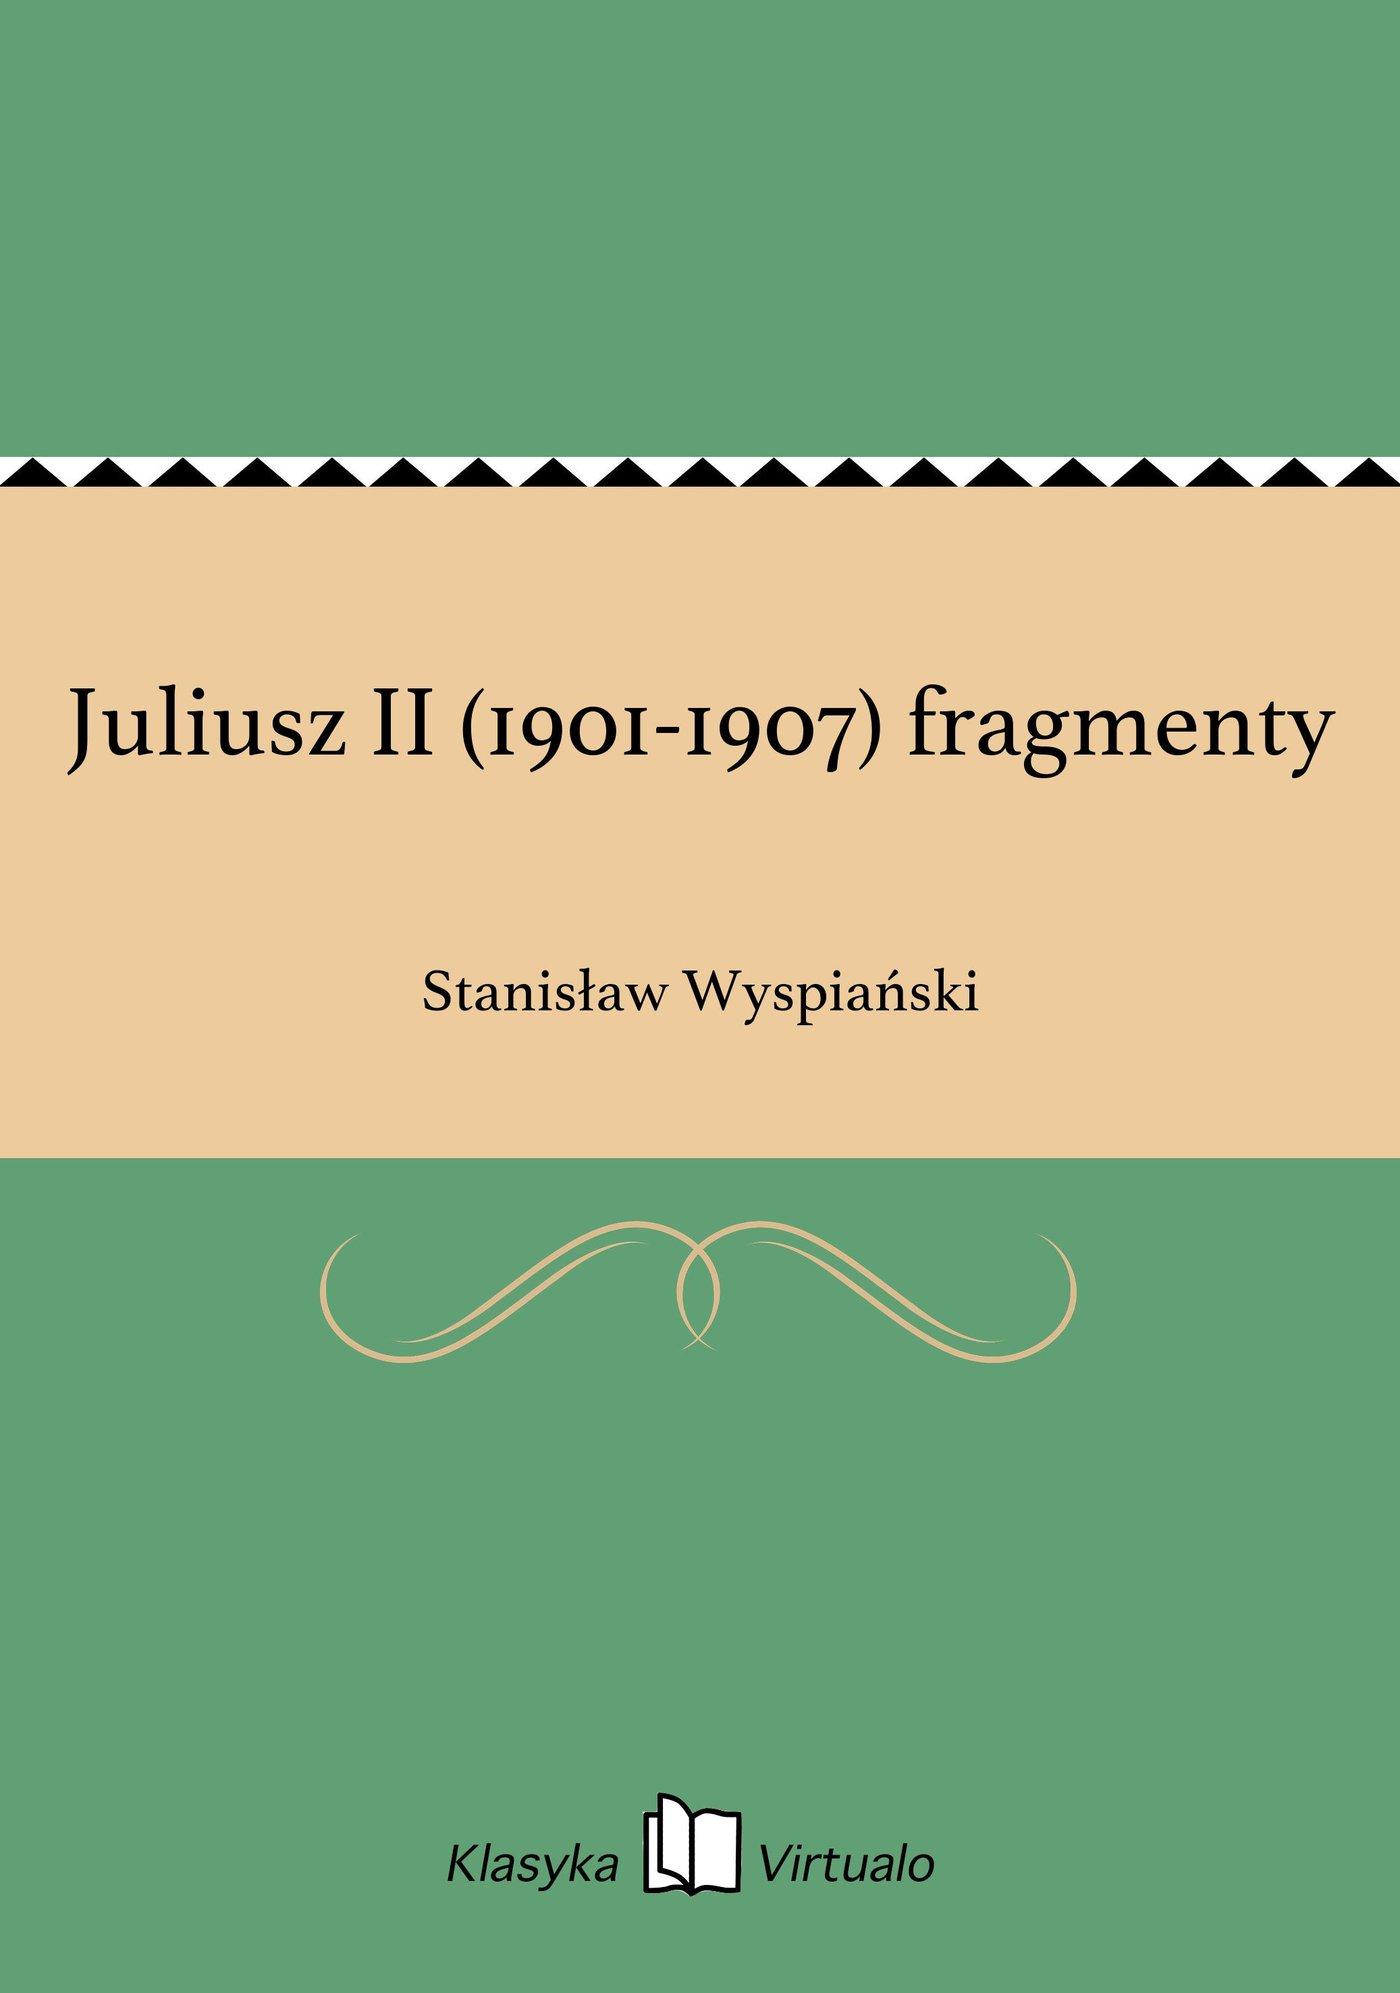 Juliusz II (1901-1907) fragmenty - Ebook (Książka EPUB) do pobrania w formacie EPUB